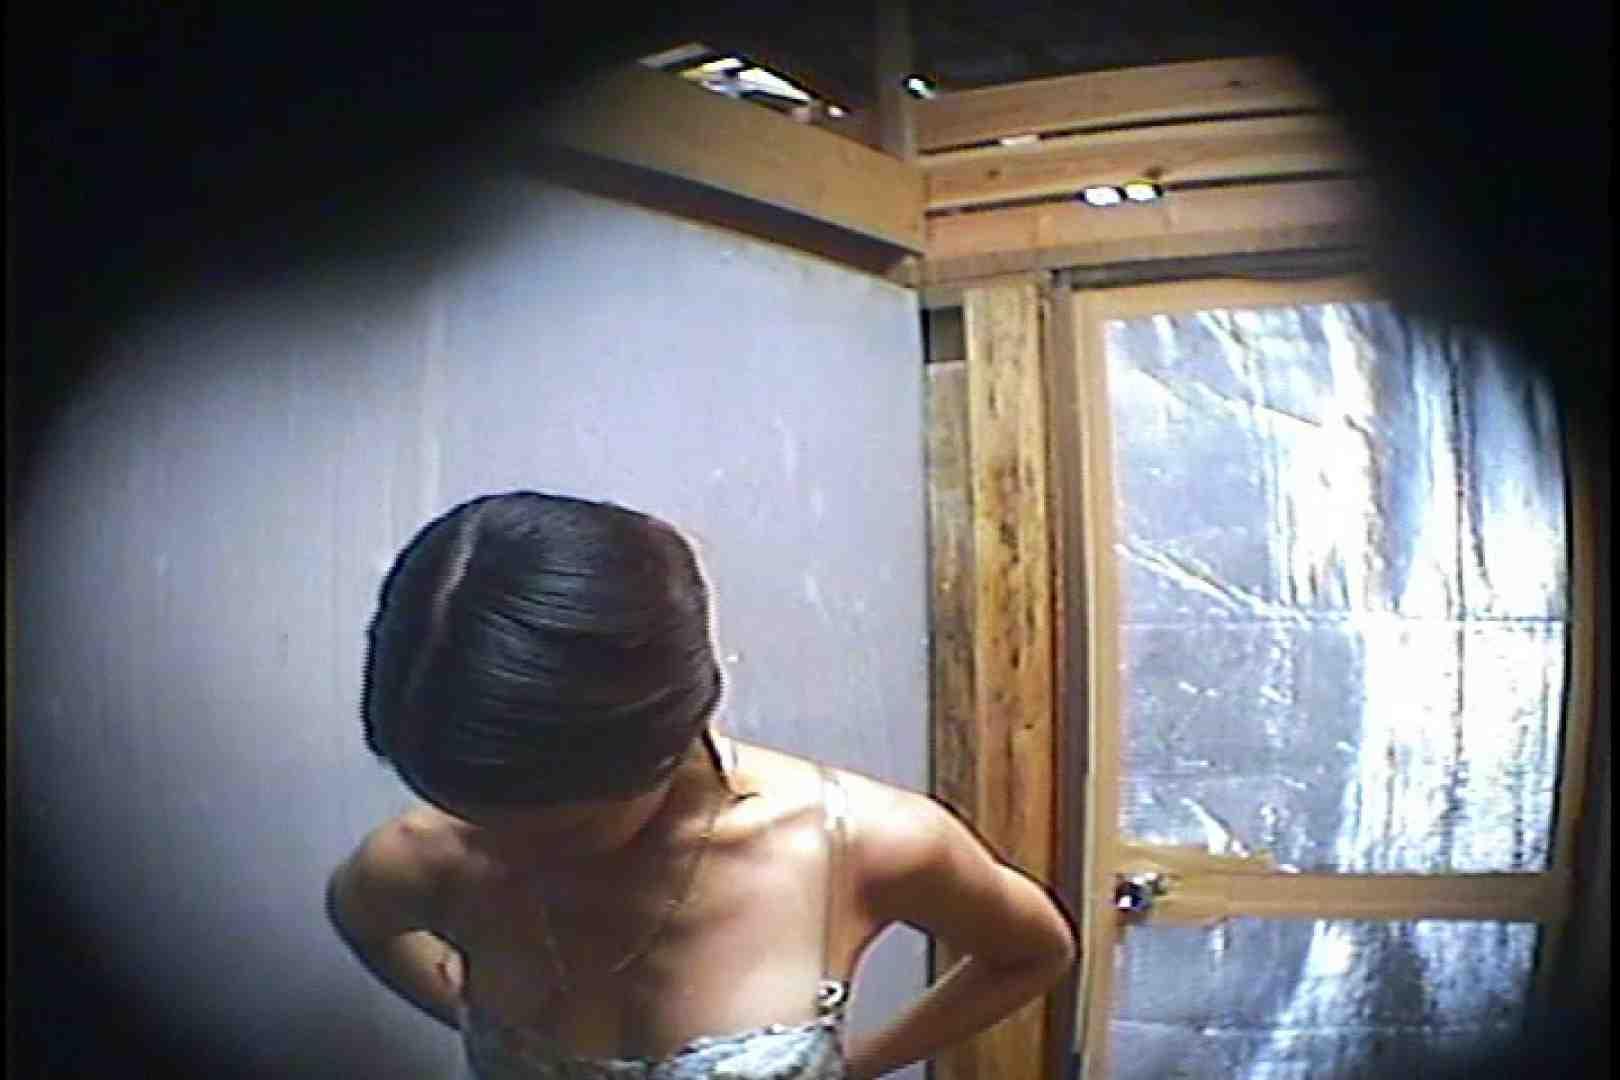 海の家の更衣室 Vol.45 シャワー中 | 美女達のヌード  64連発 6